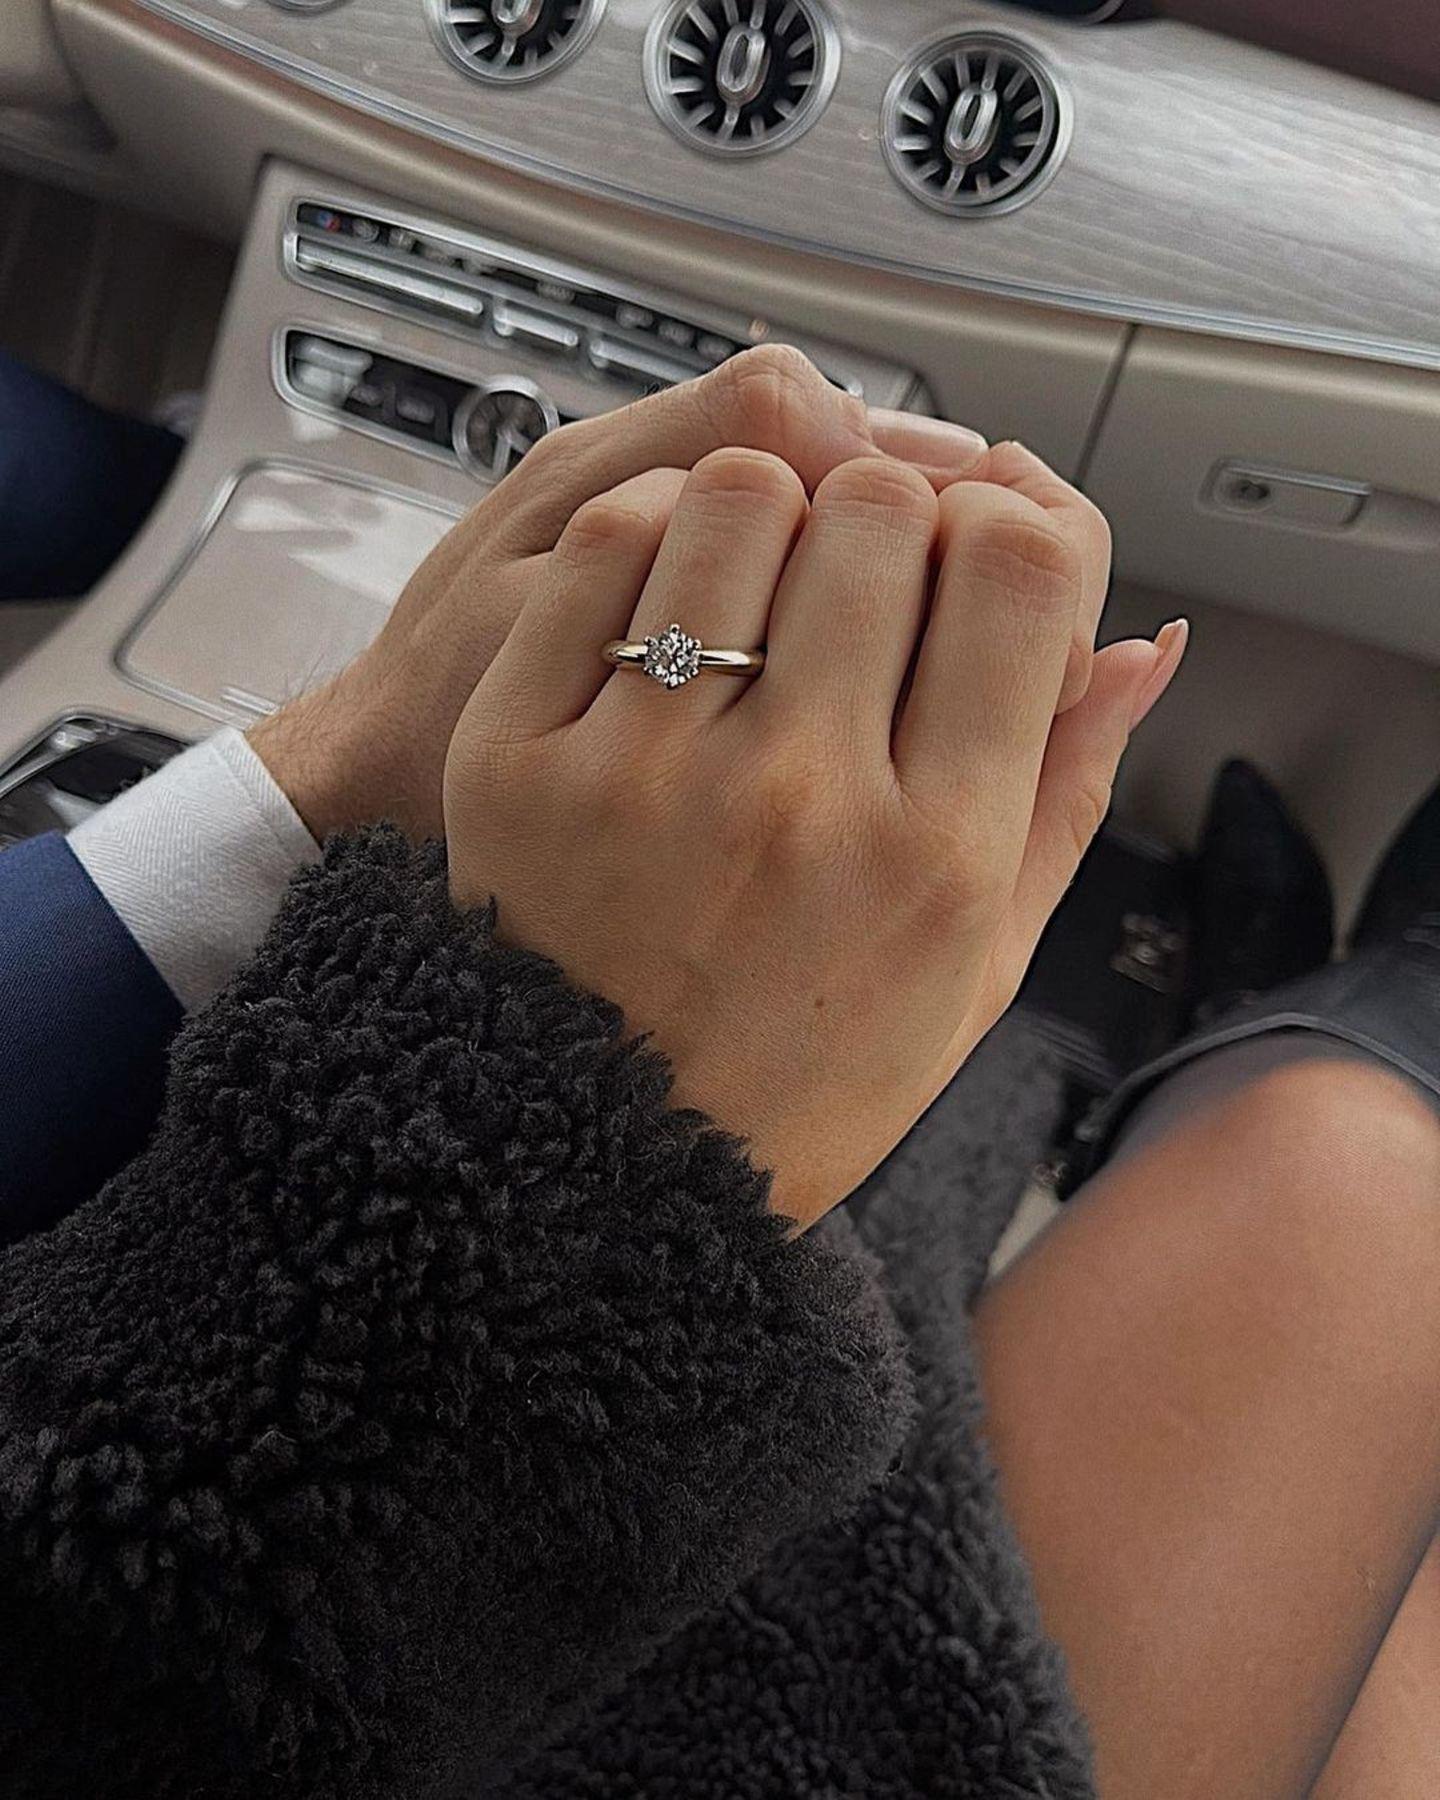 Das schönste Geschenk trägt Jessica Paszka jetzt an ihrem Ringfinger: Johannes Haller hat ihr am Heiligabend einen Antrag gemacht.